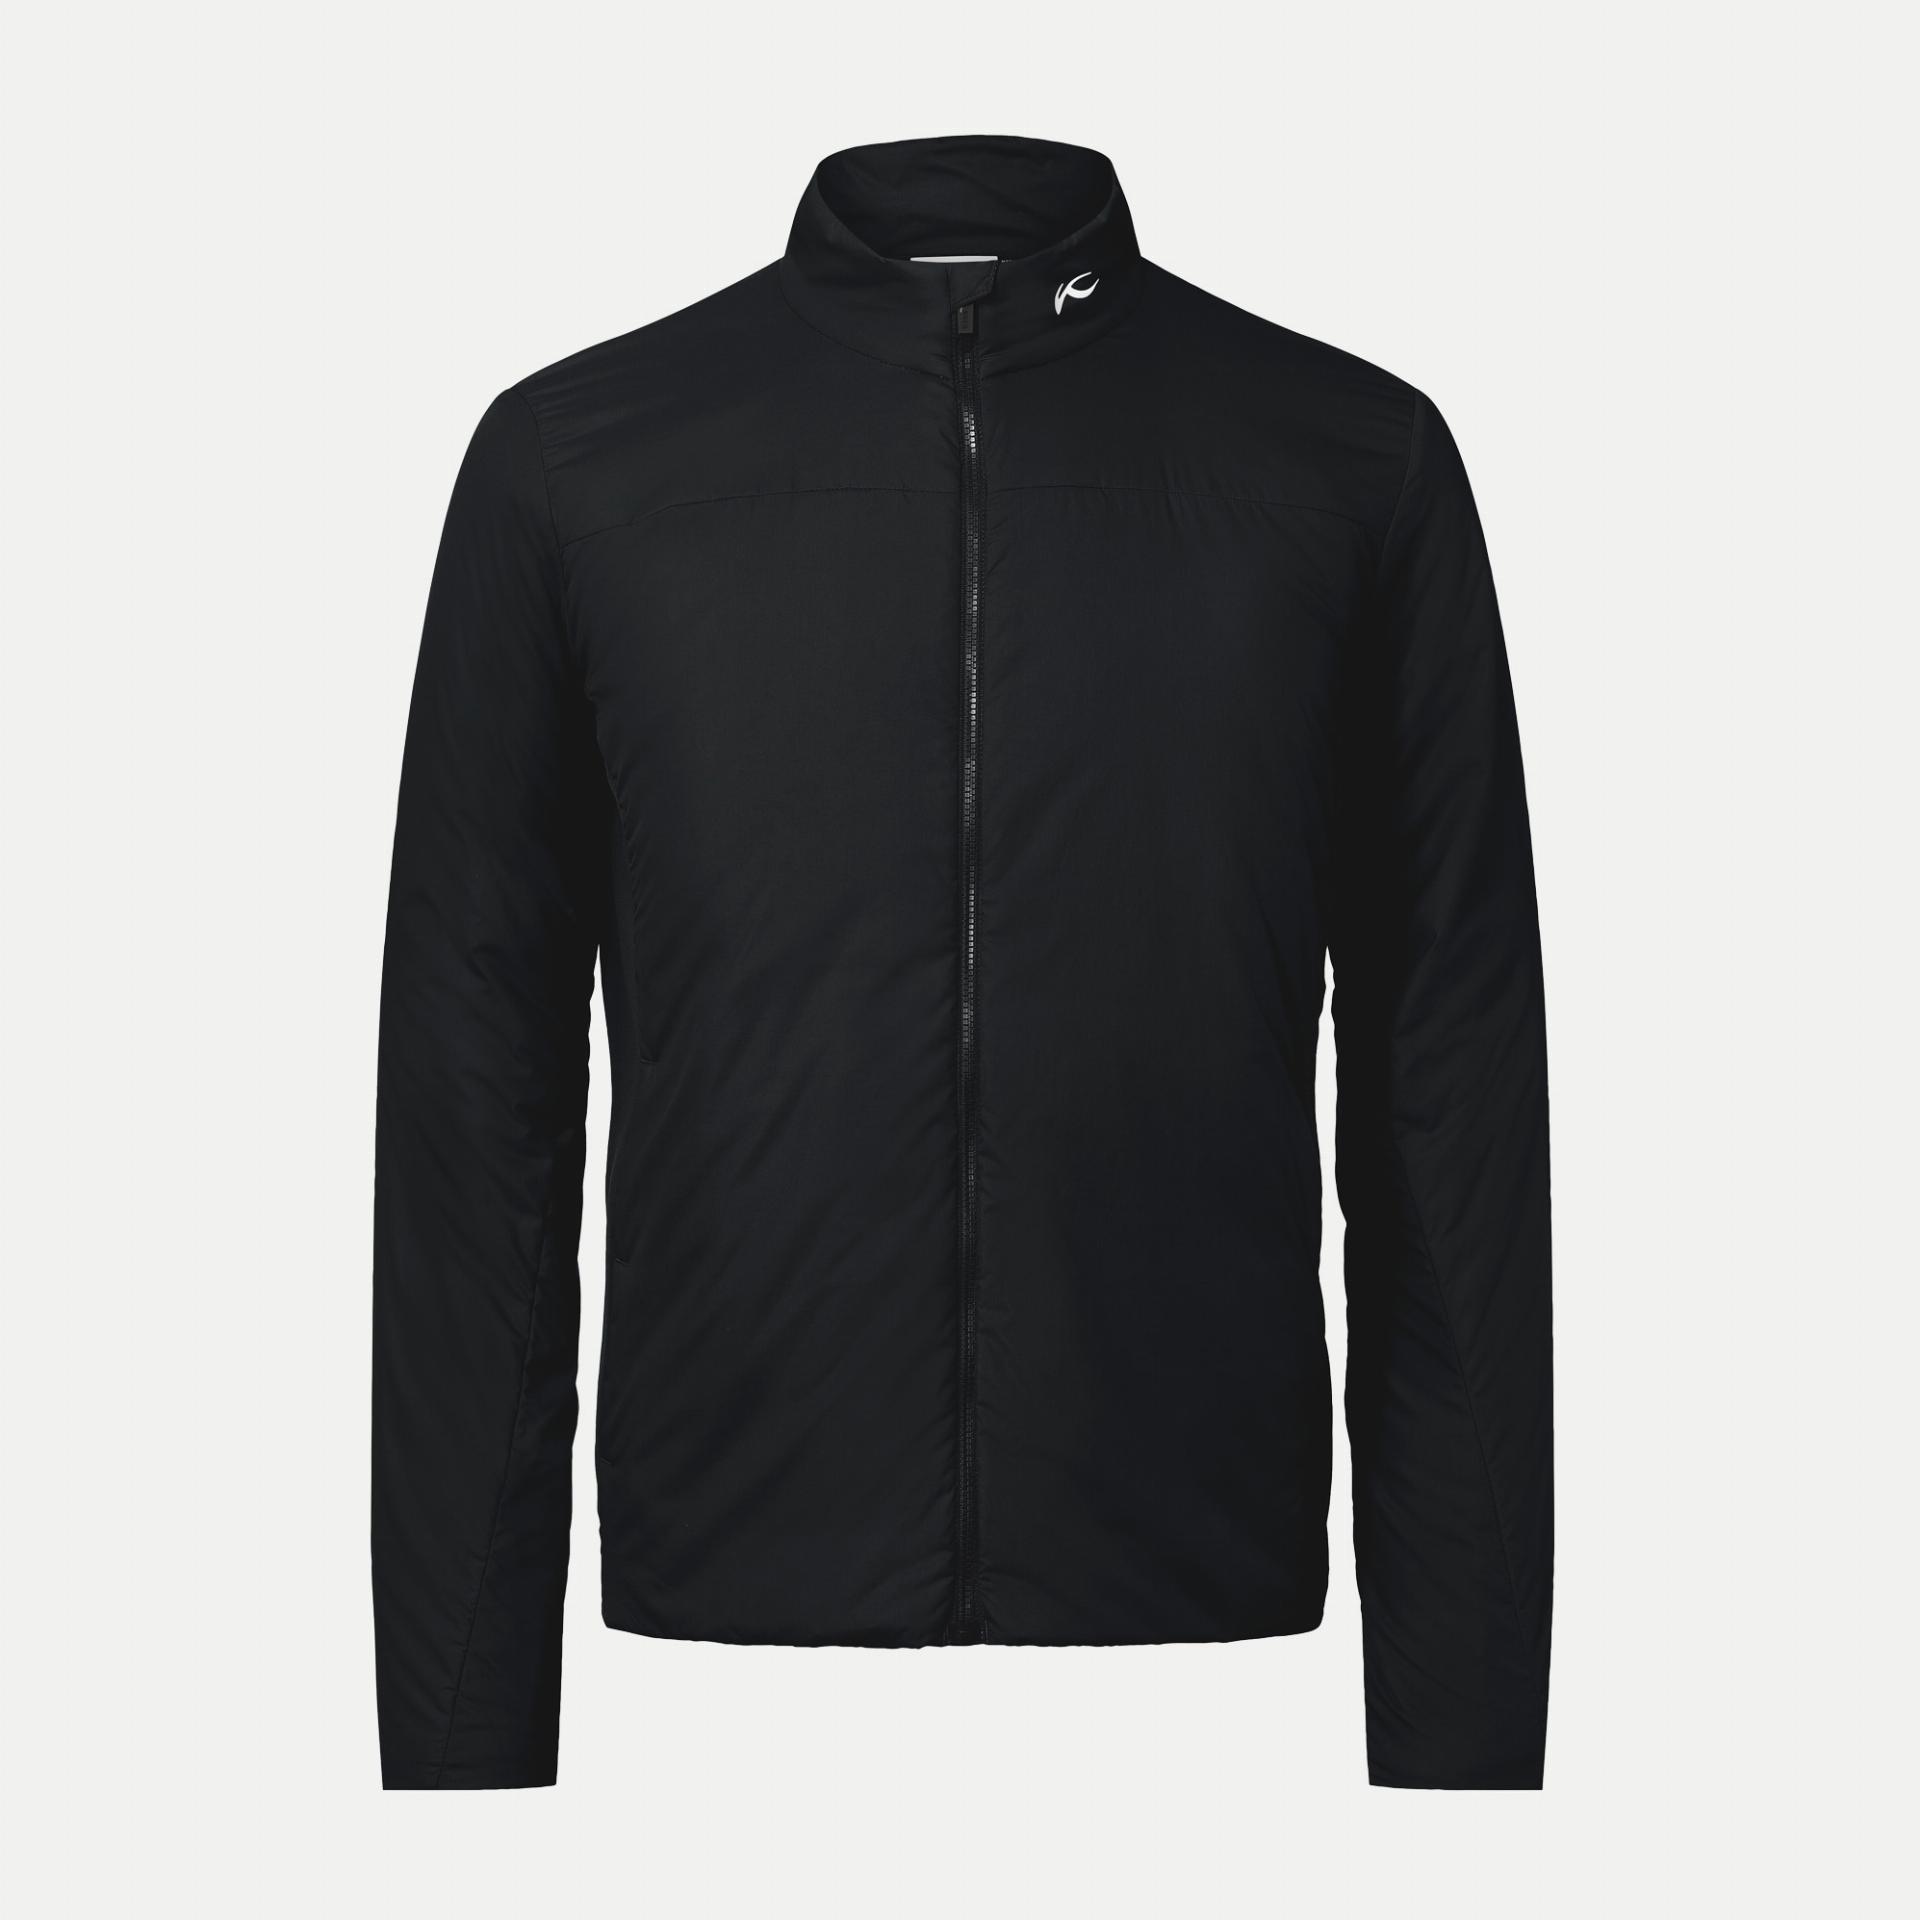 Radiation Jacke, schwarz